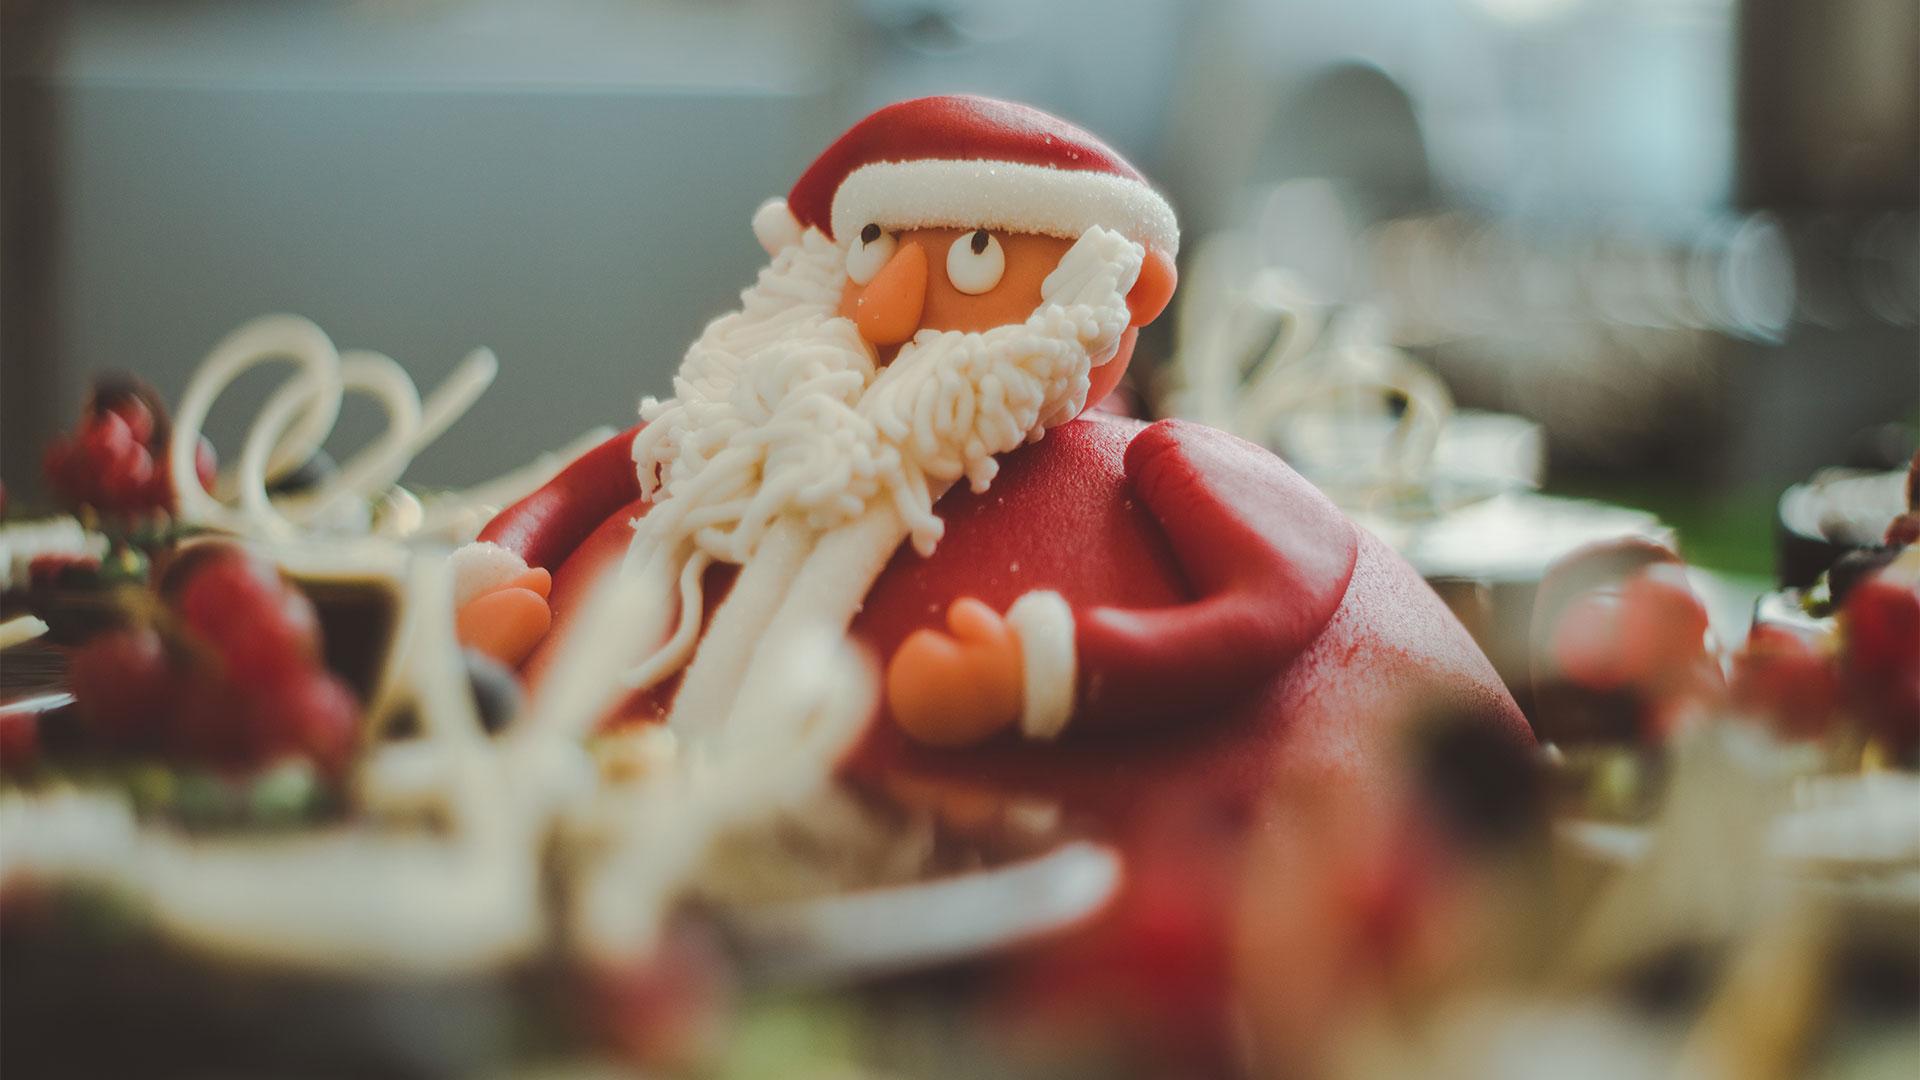 Bakkerij Vooges wenst u prettige kerstdagen